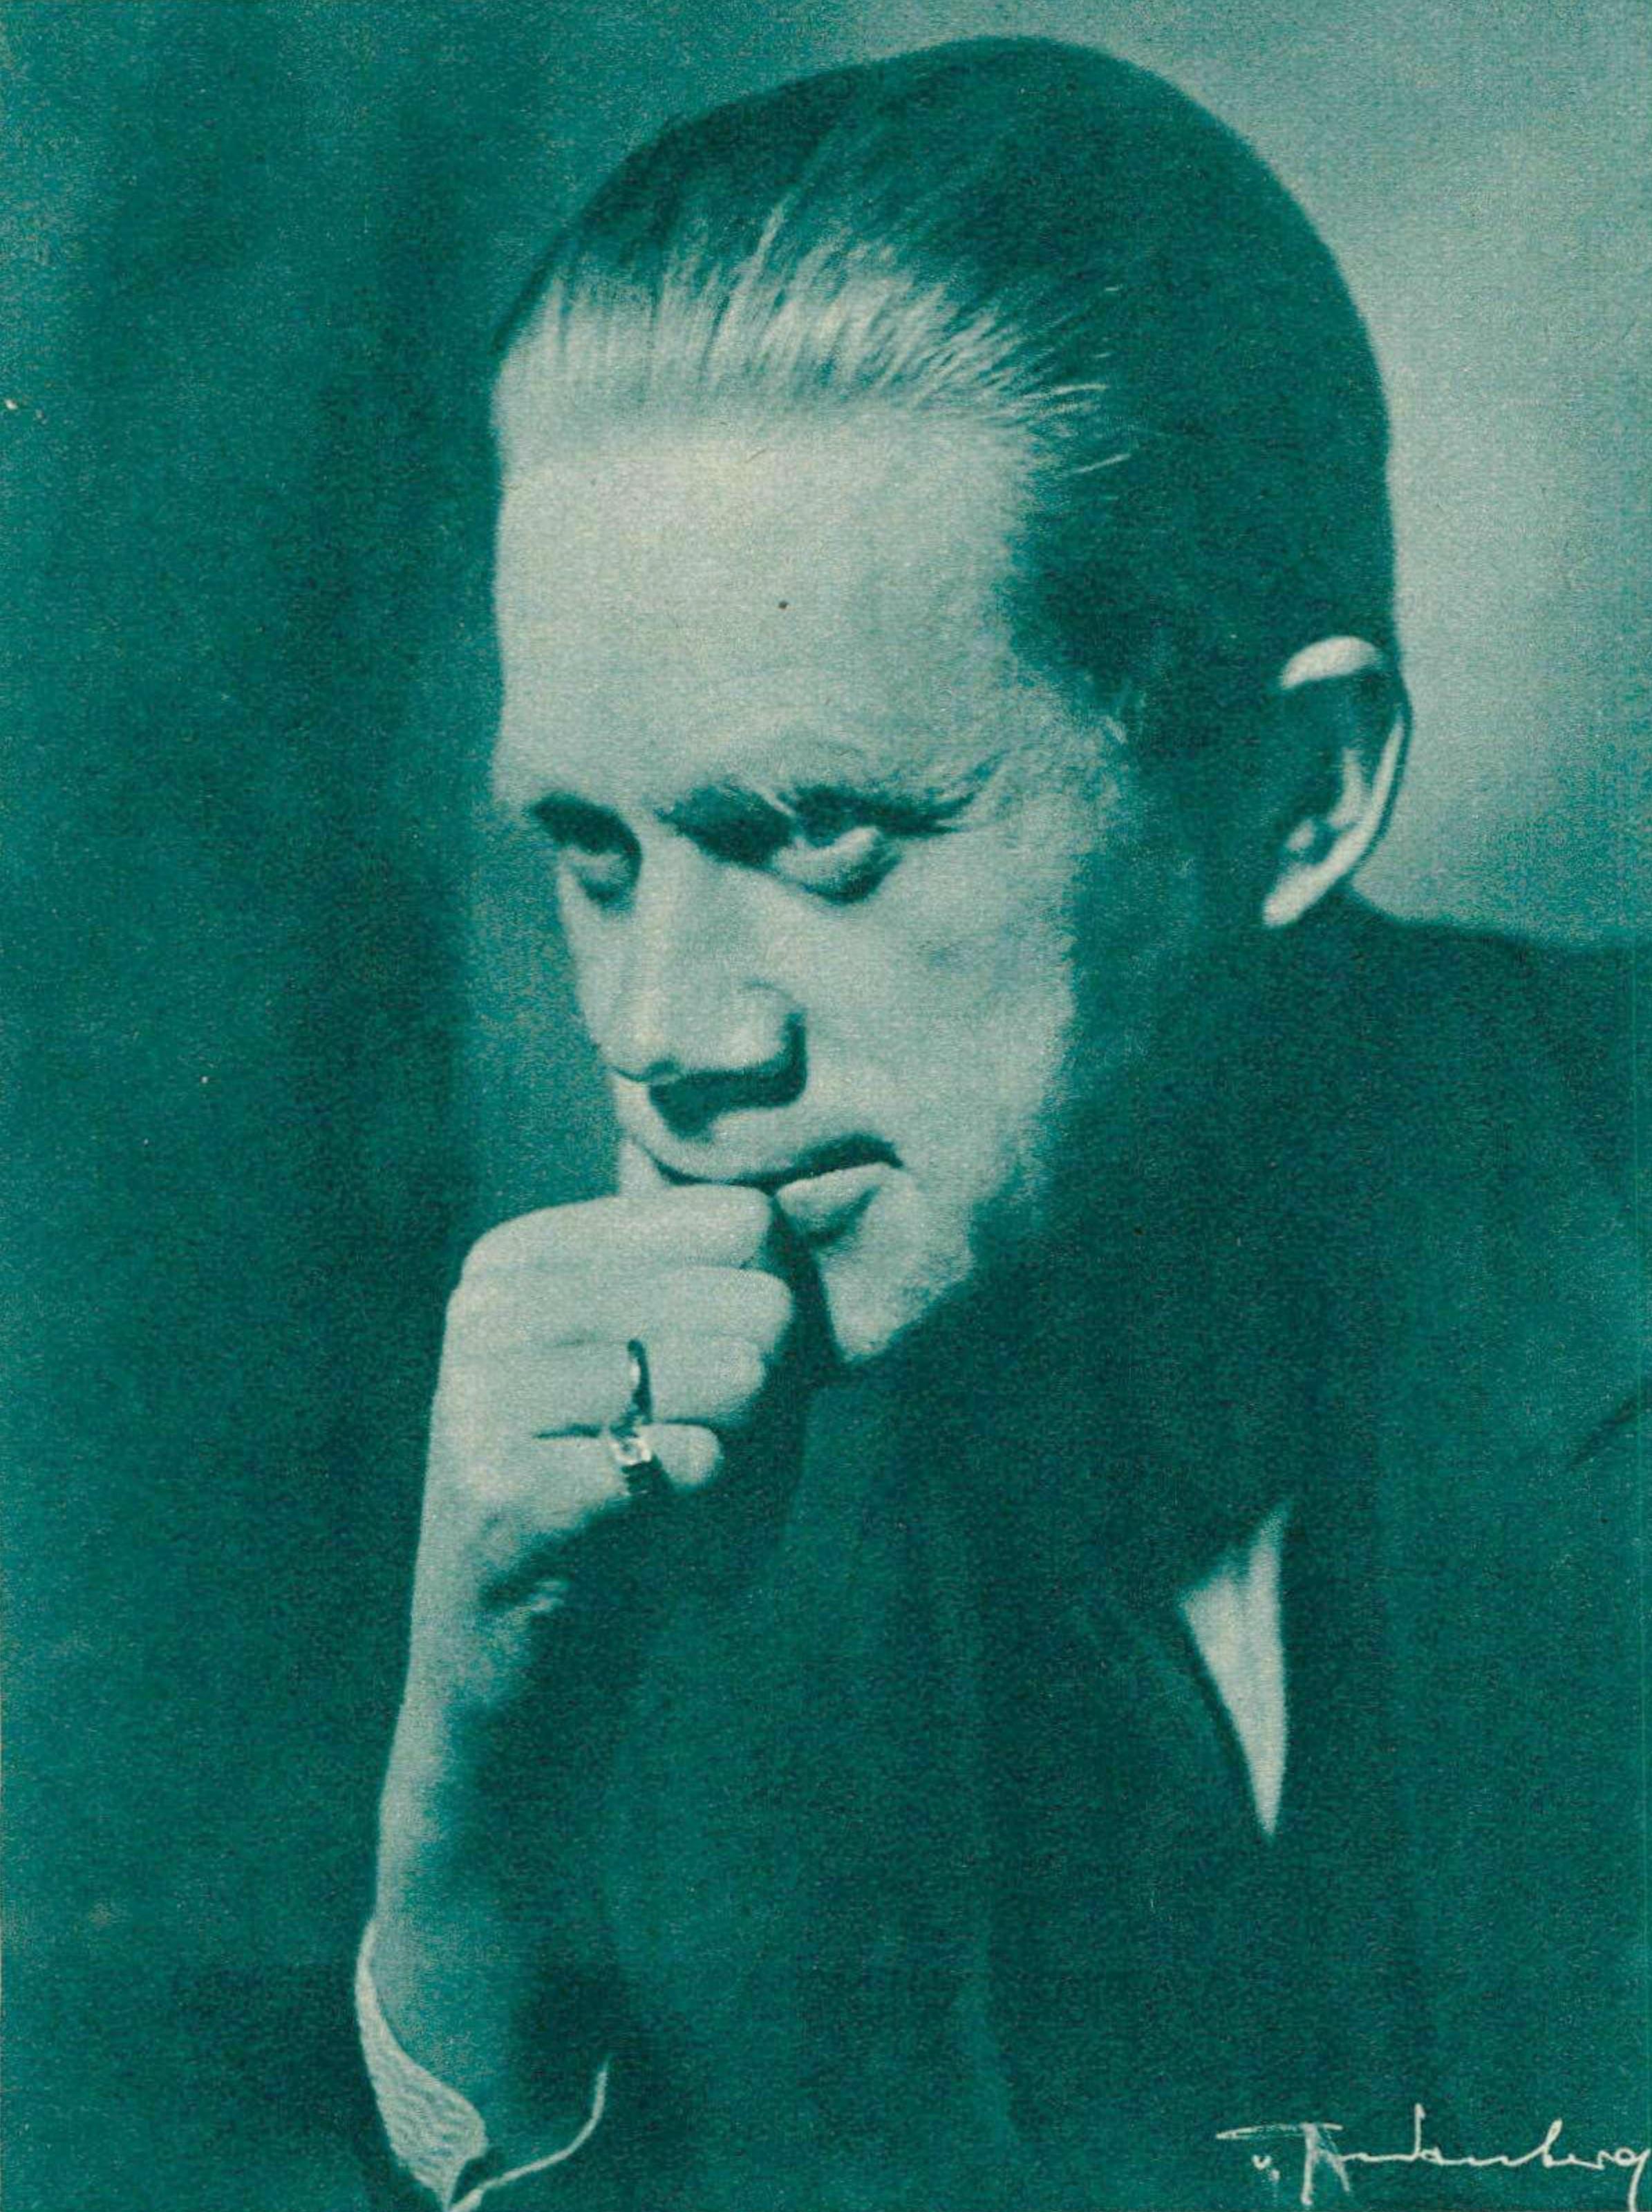 Robert DENZLER vers 1935, un portrait fait par Wolff von Gredenberg, Berlin paru - entre autres - dans la revue Le Radio du 8 novembre 1935, page 212, cliquer pour une vue agrandie